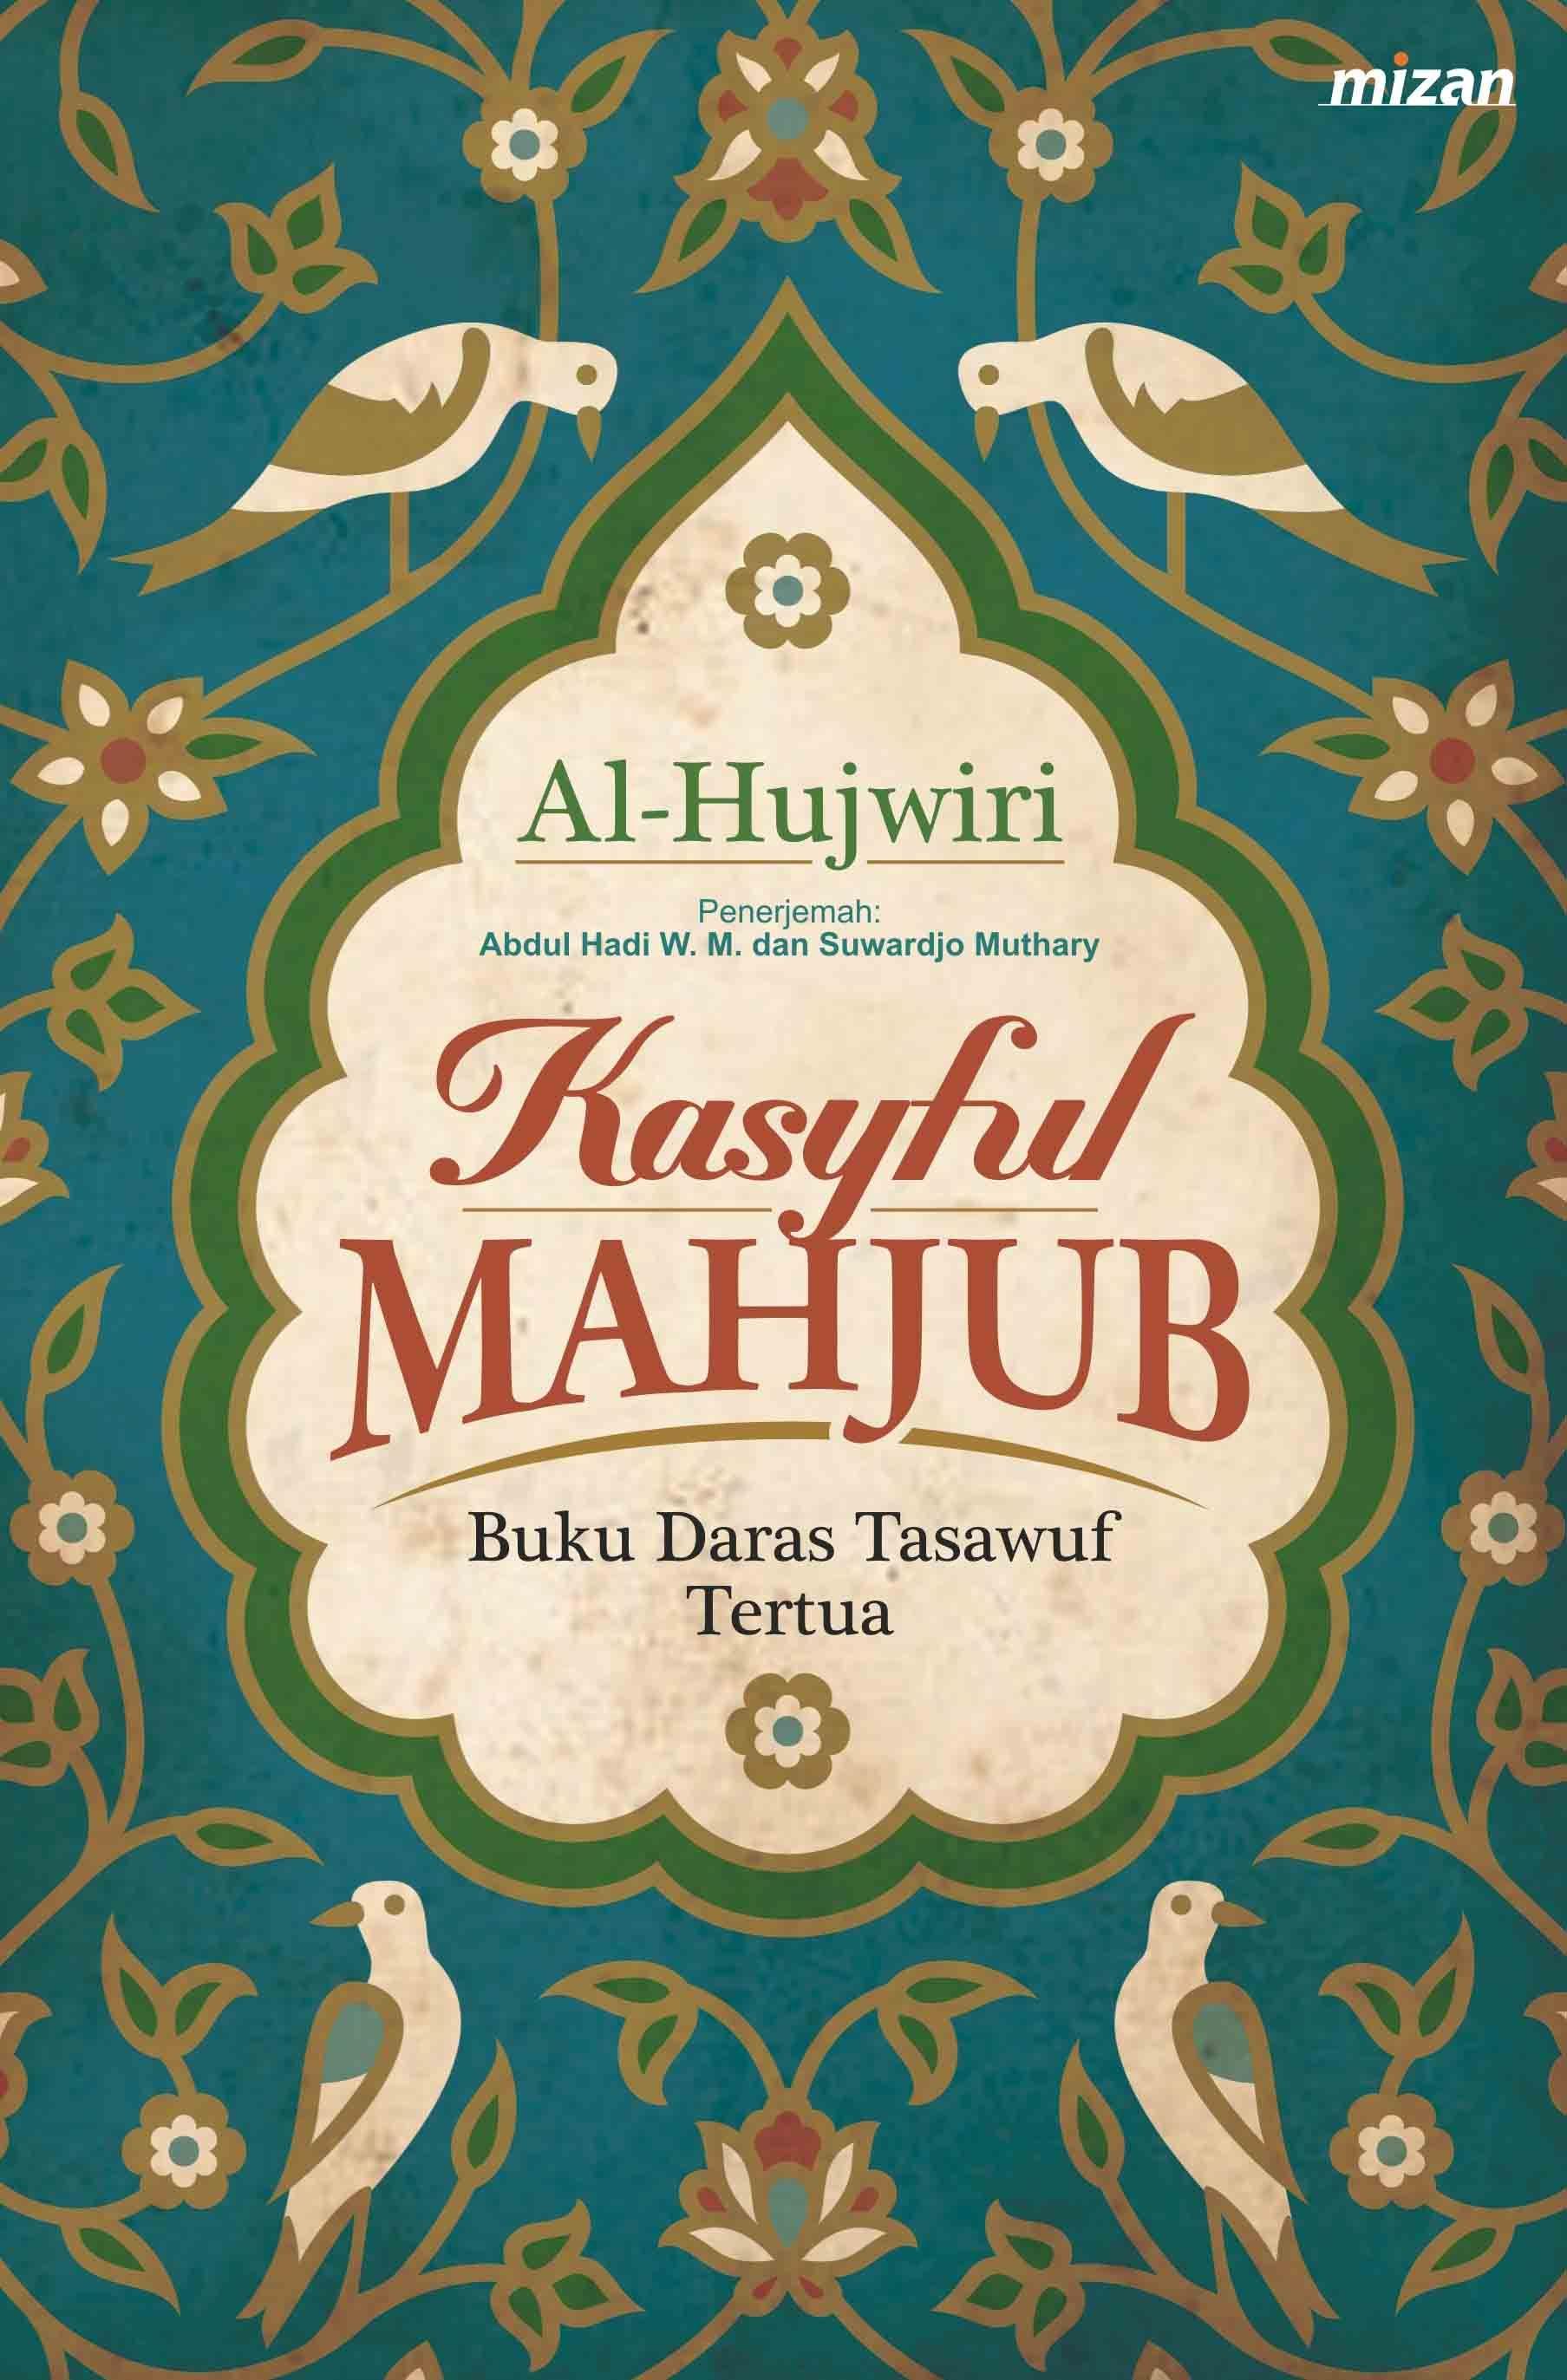 Kasyful Mahjub